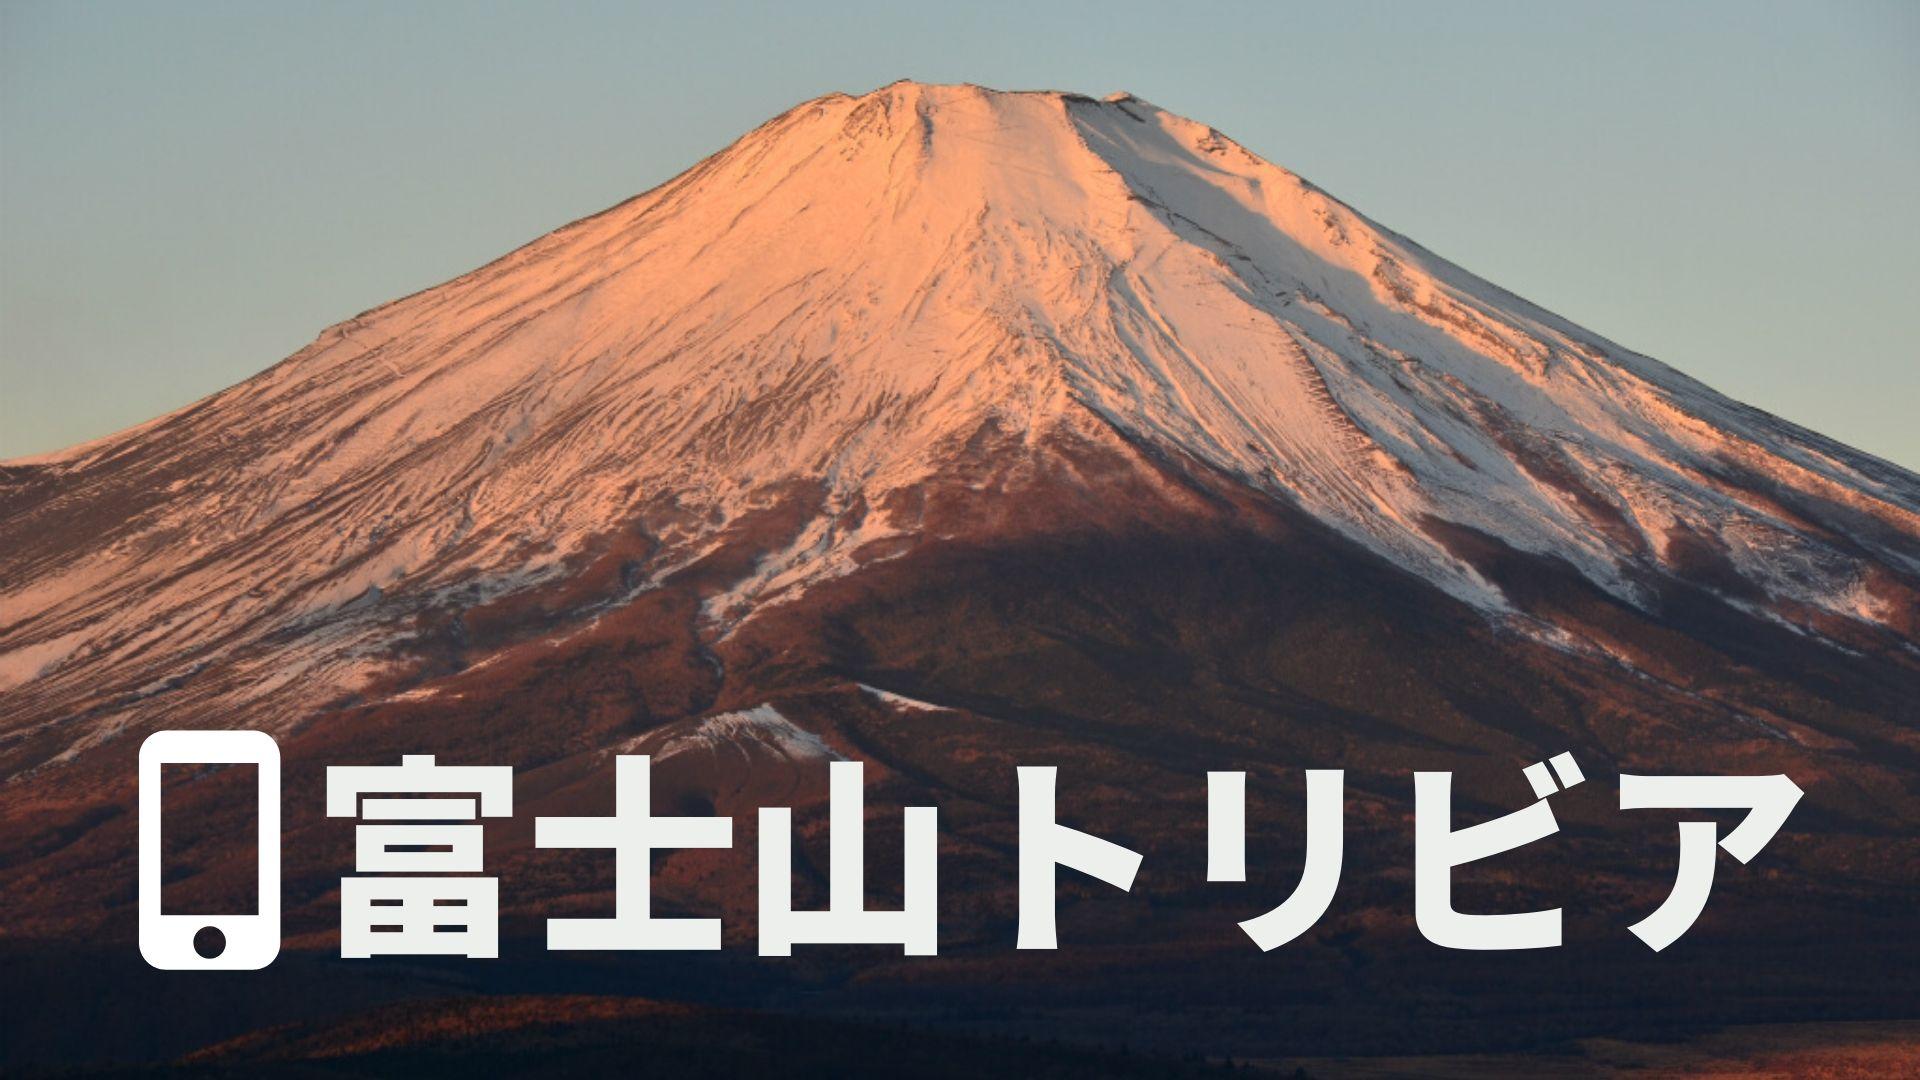 f2ad04f0f4be6adb167bce9284bdc05e - 【トリビア】富士山のなぞ、頂上は誰のもの?意外な歴史がおもしろい!